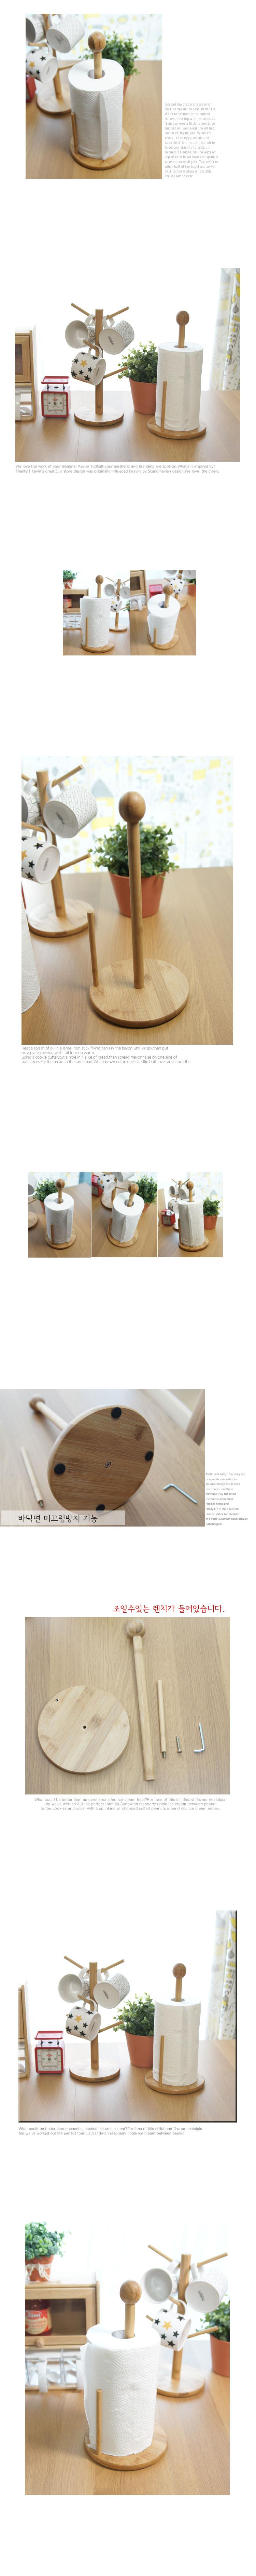 DS-1004대나무 우드 키친타올 걸이 홀더 - 리빙톡톡, 12,800원, 주방정리용품, 키친타올걸이